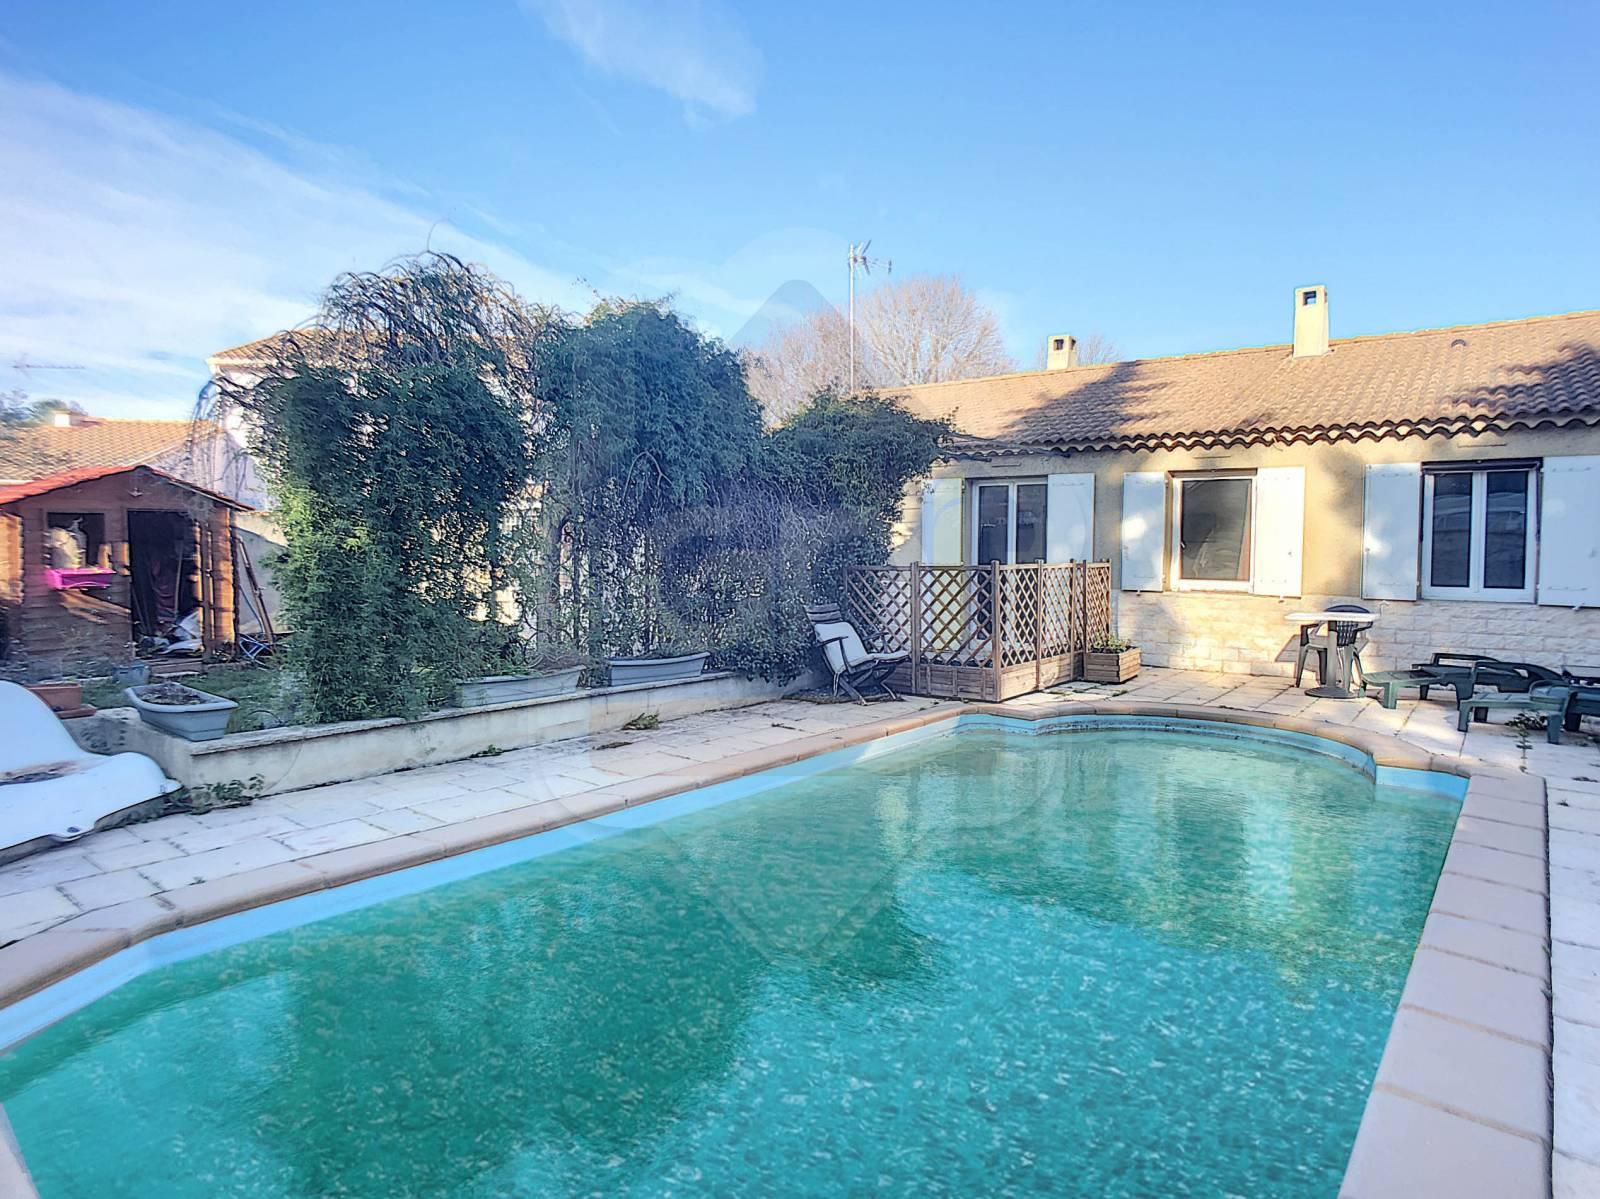 A Vendre Maison De Plain Pied Sur Avignon Extra Muros Avec ... concernant Maison Avec Piscine A Vendre